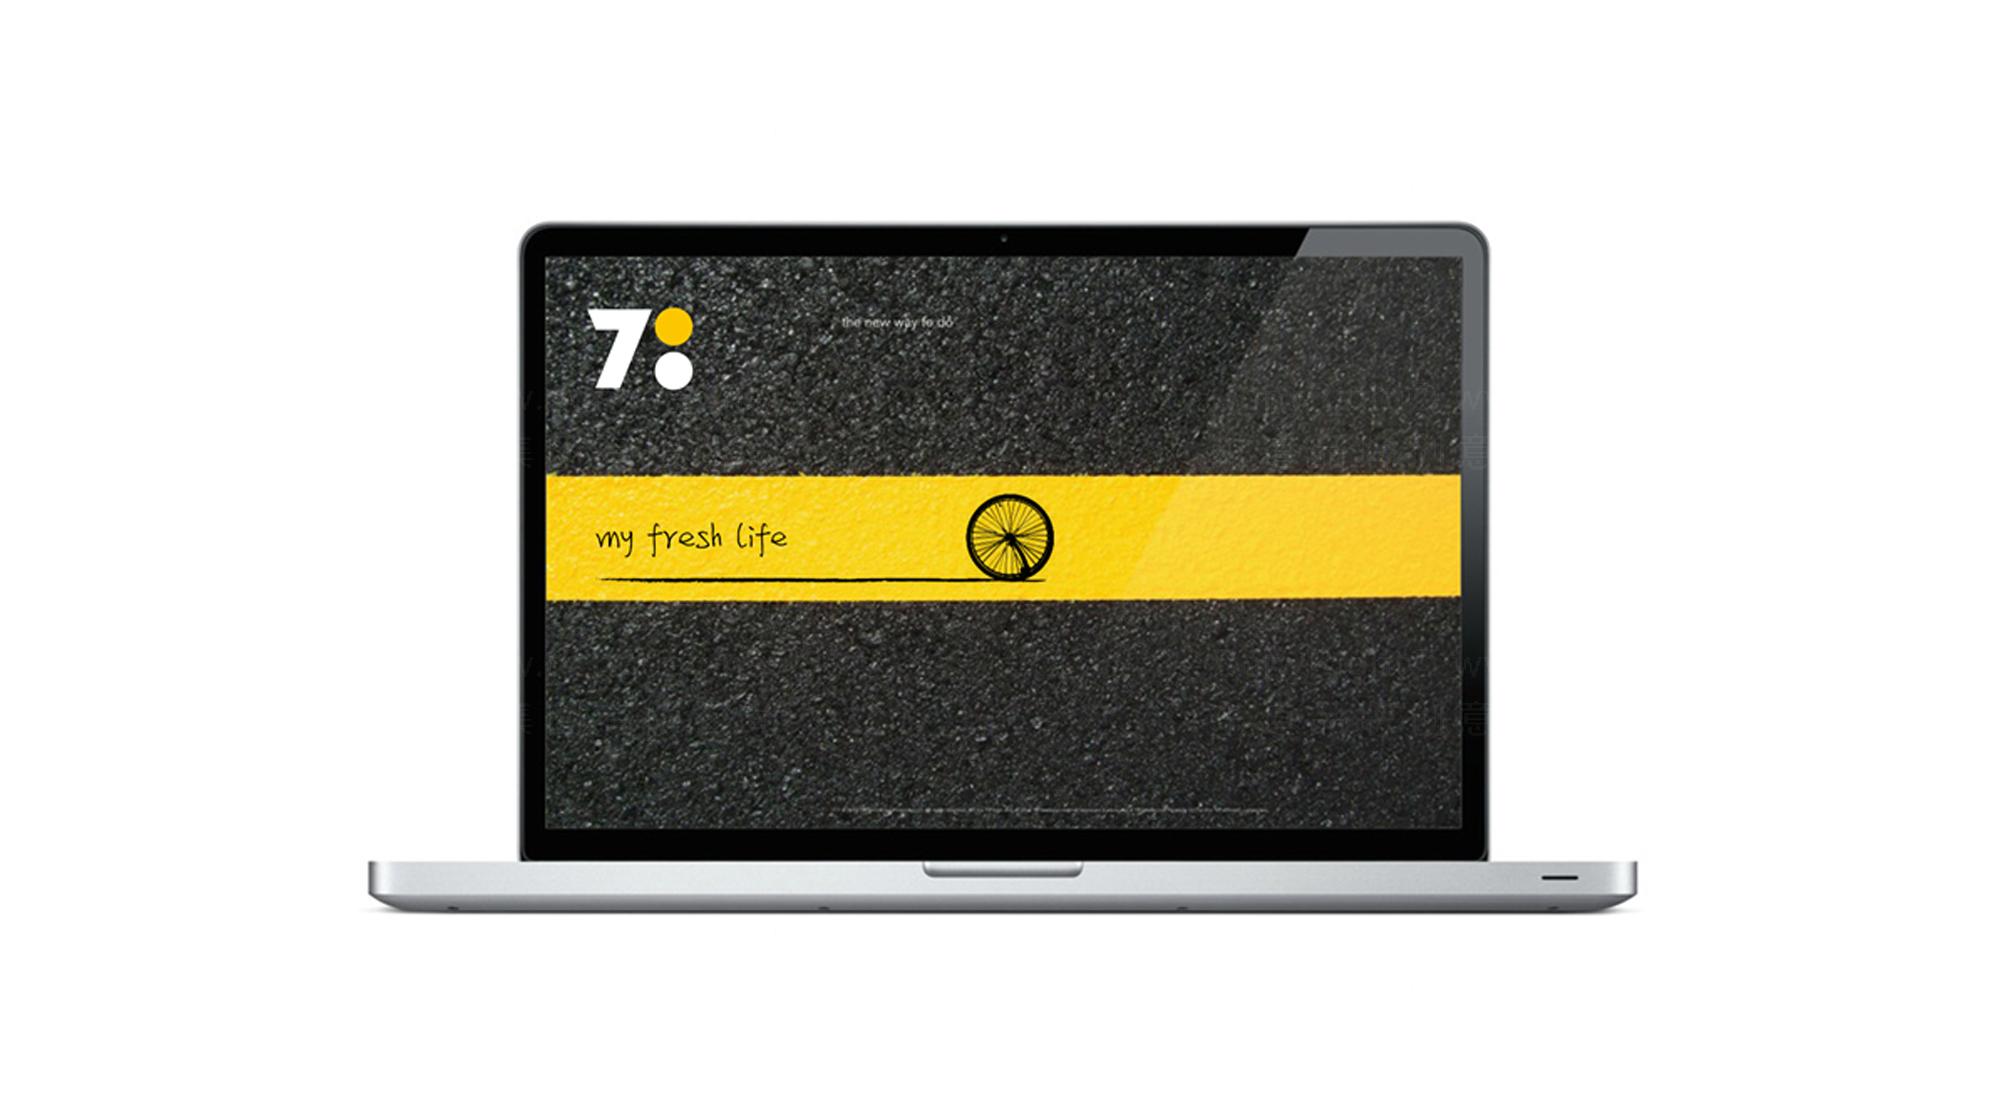 品牌设计700bike logo设计、vi设计应用场景_12